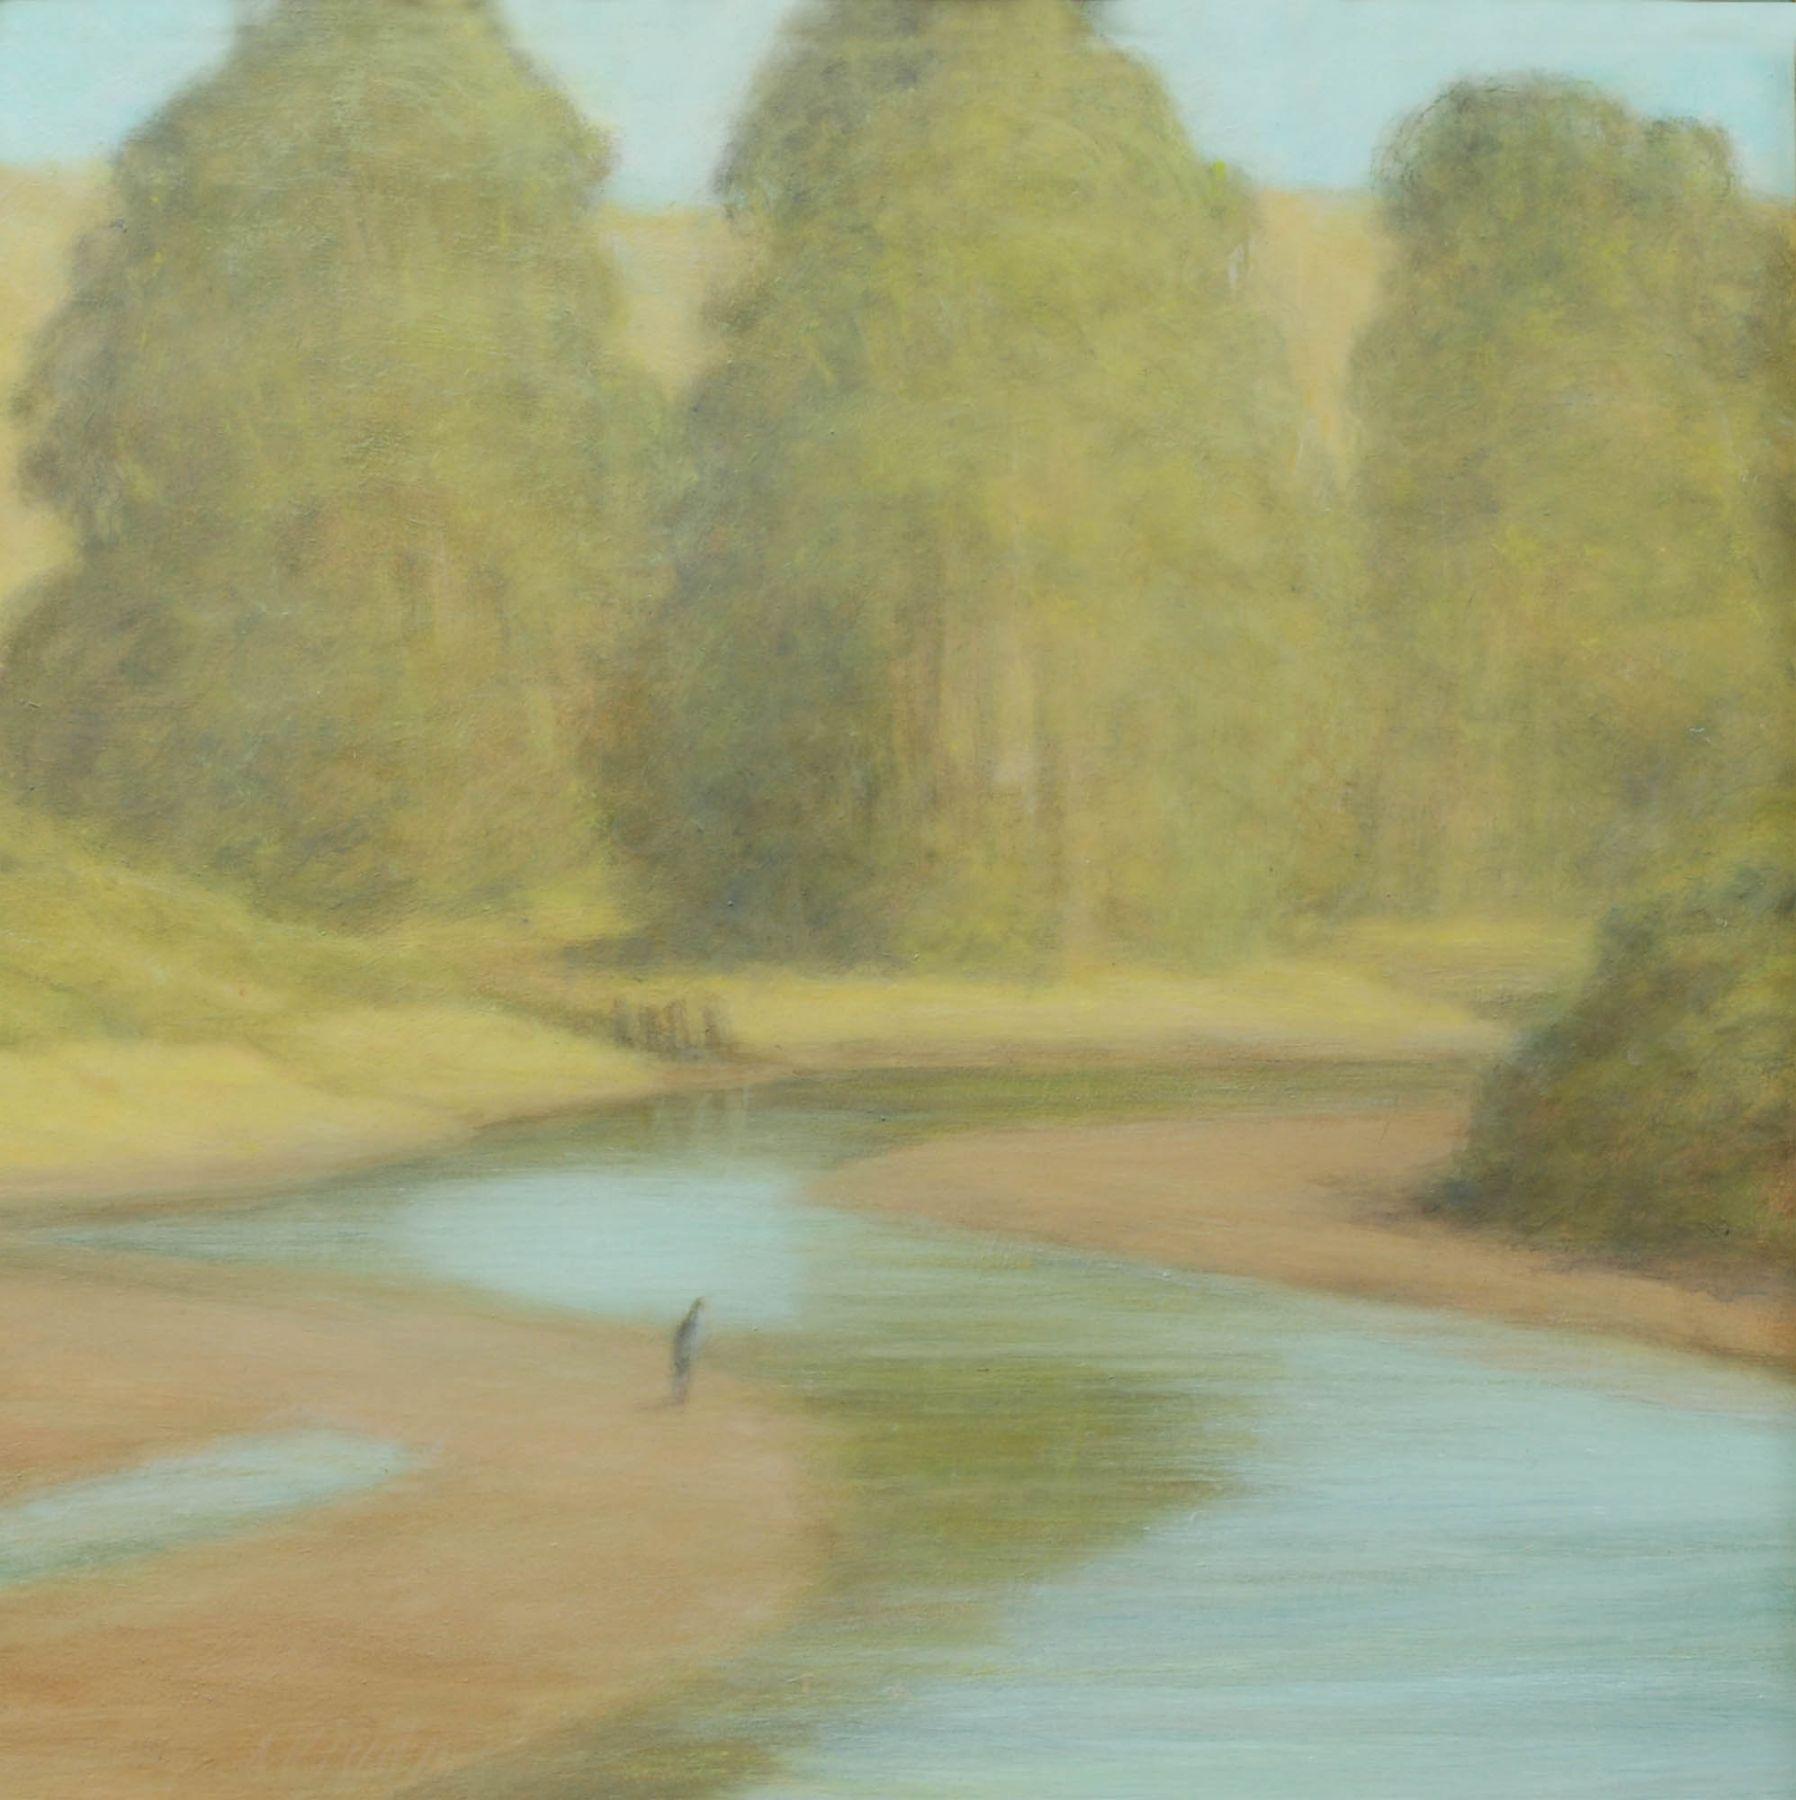 Sarah Vedder, Fish Landing, 2015